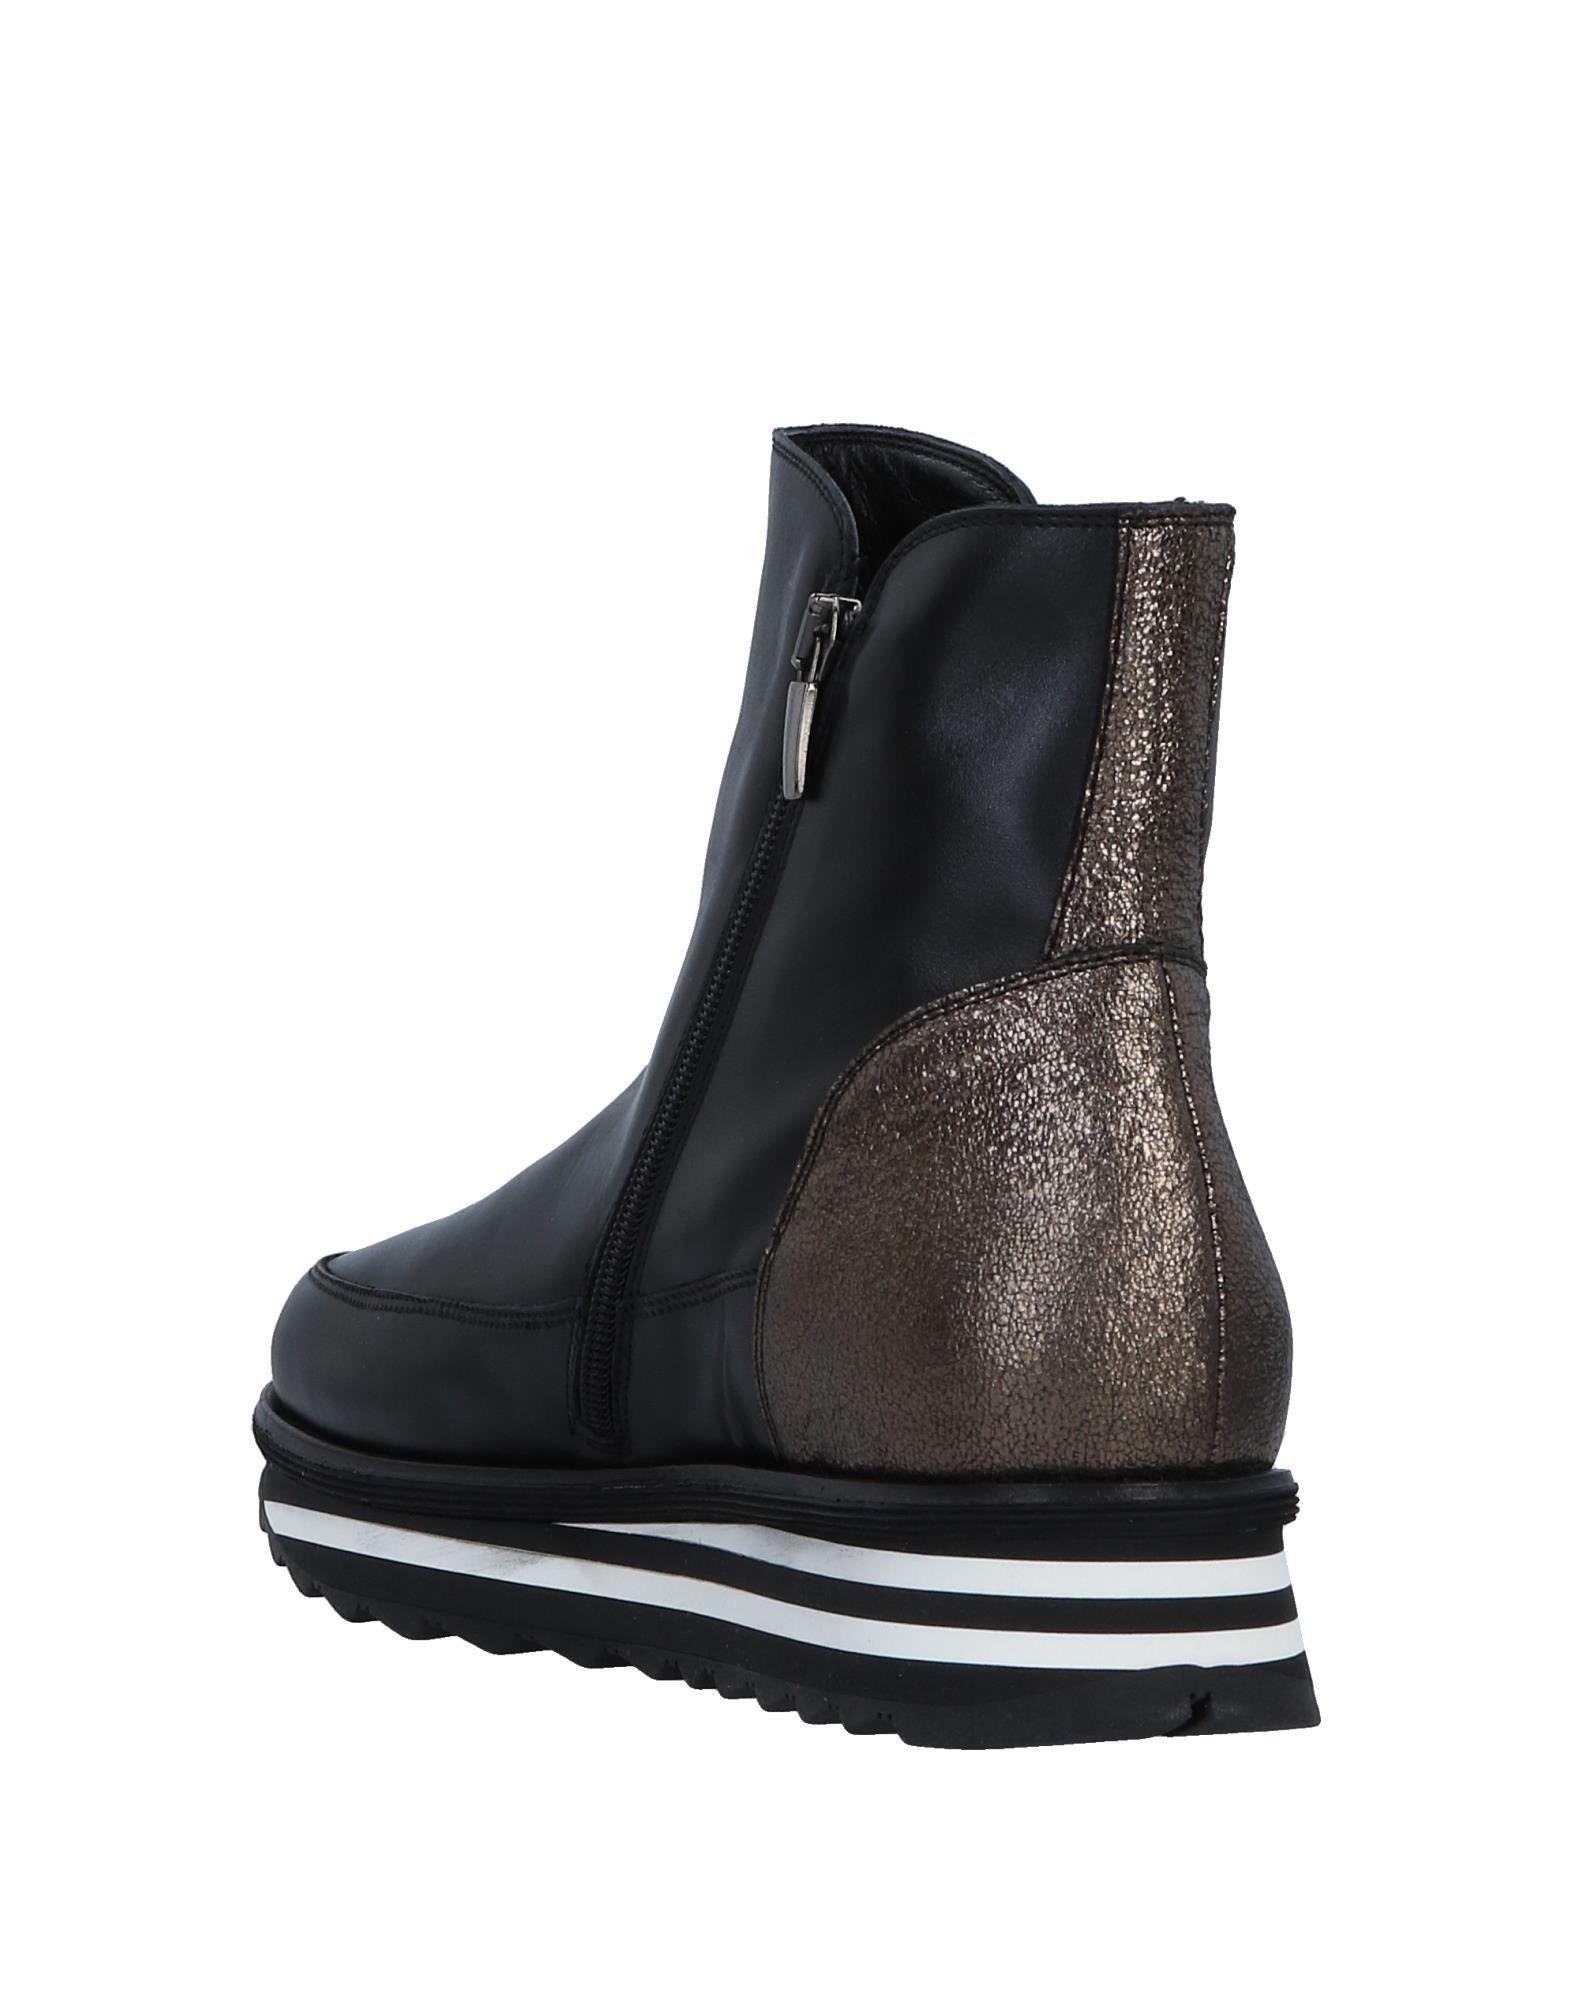 Stilvolle Stiefelette billige Schuhe Laura Bellariva Stiefelette Stilvolle Damen  11514540HK 1a9c37